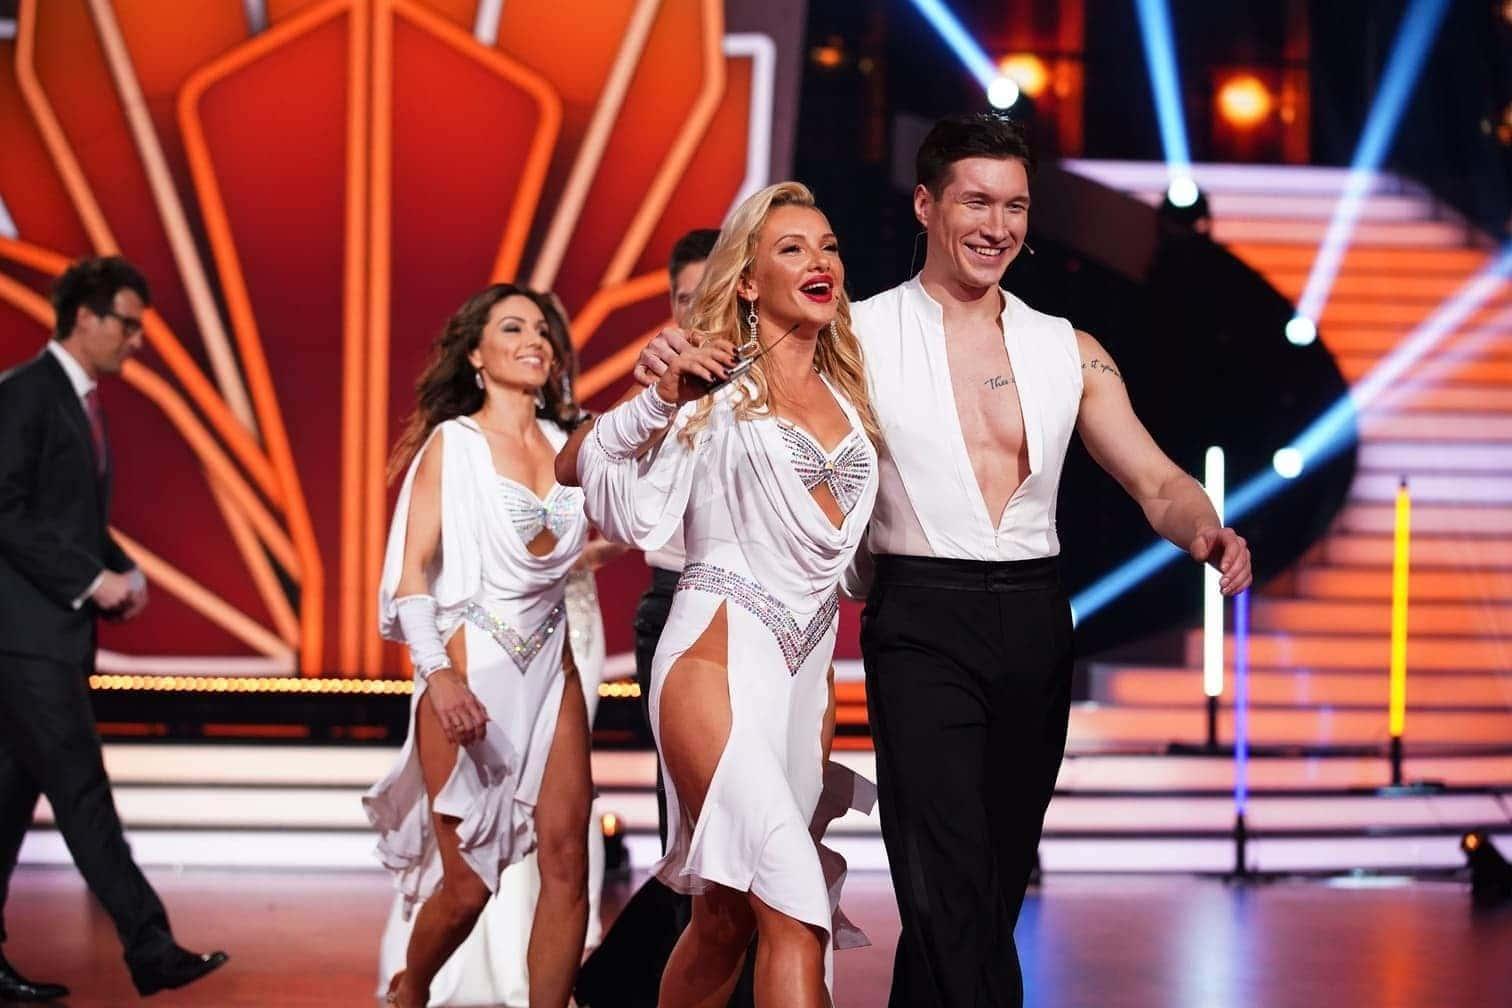 """<p>Bei RTL ist die zwölfte Staffel der beliebten Tanz-Show """"Let's Dance"""" mit der """"großen Kennenlern-Ausgabe"""" gestartet. Wir stellen euch die Tanz-Paarungen in Bildern vor.</p> Foto: TVNOW / Gregorowius"""